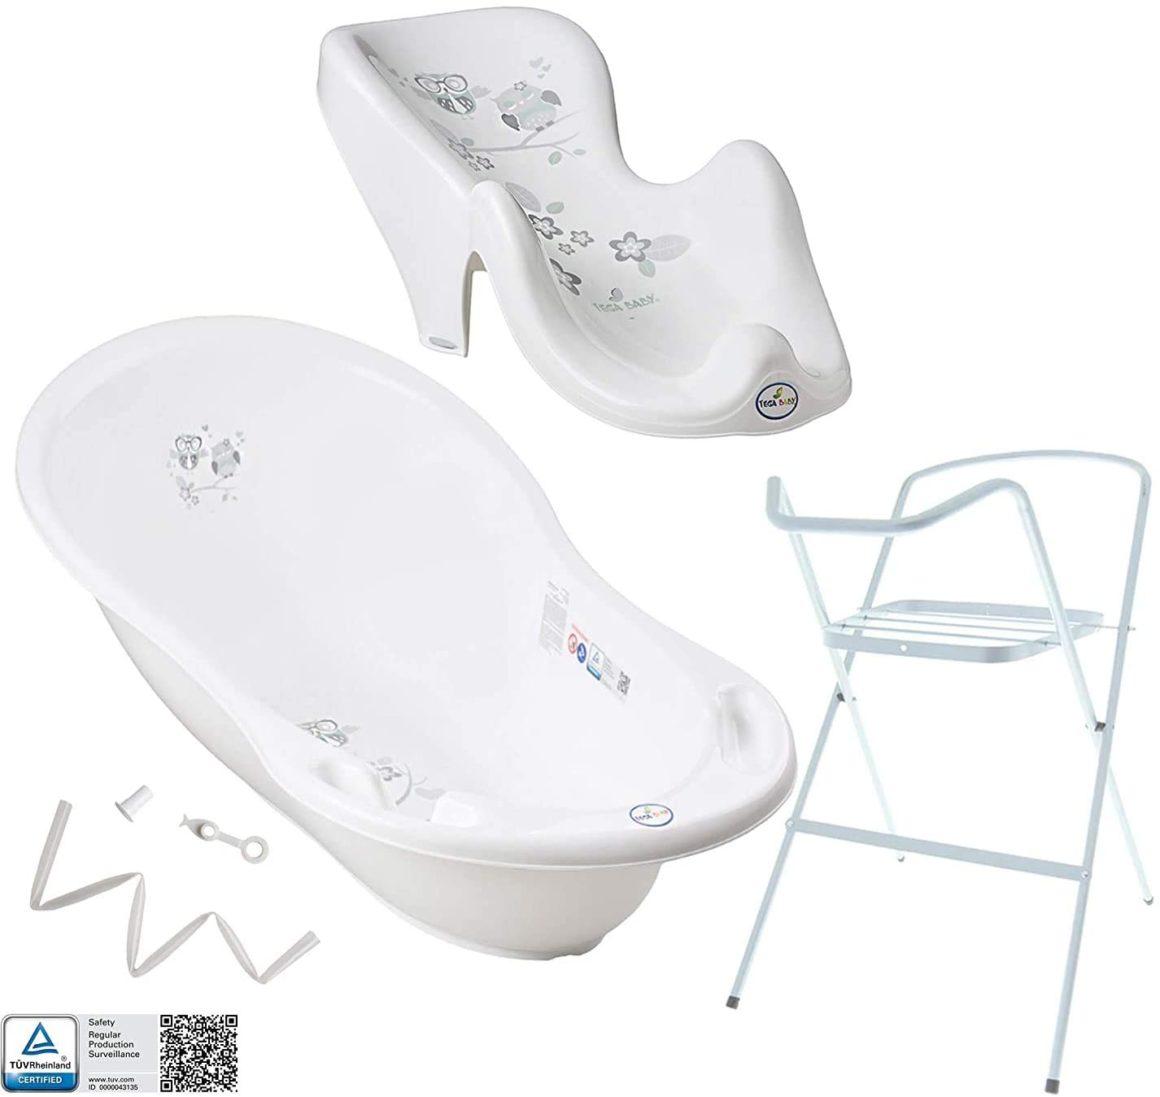 comparatif des 10 meilleures baignoires